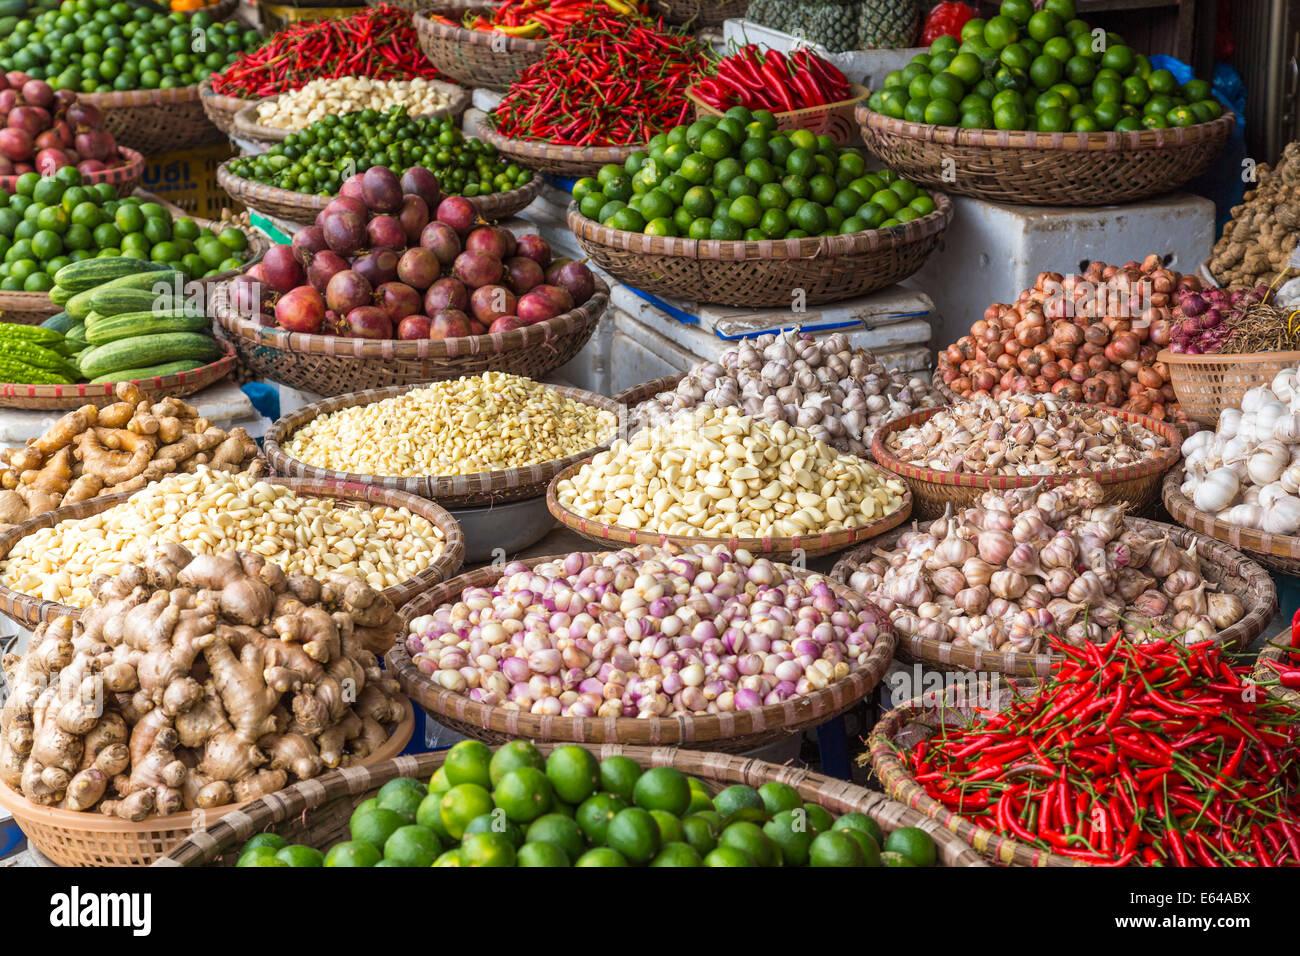 Kiosque de légumes au marché, Hanoi, Vietnam Photo Stock